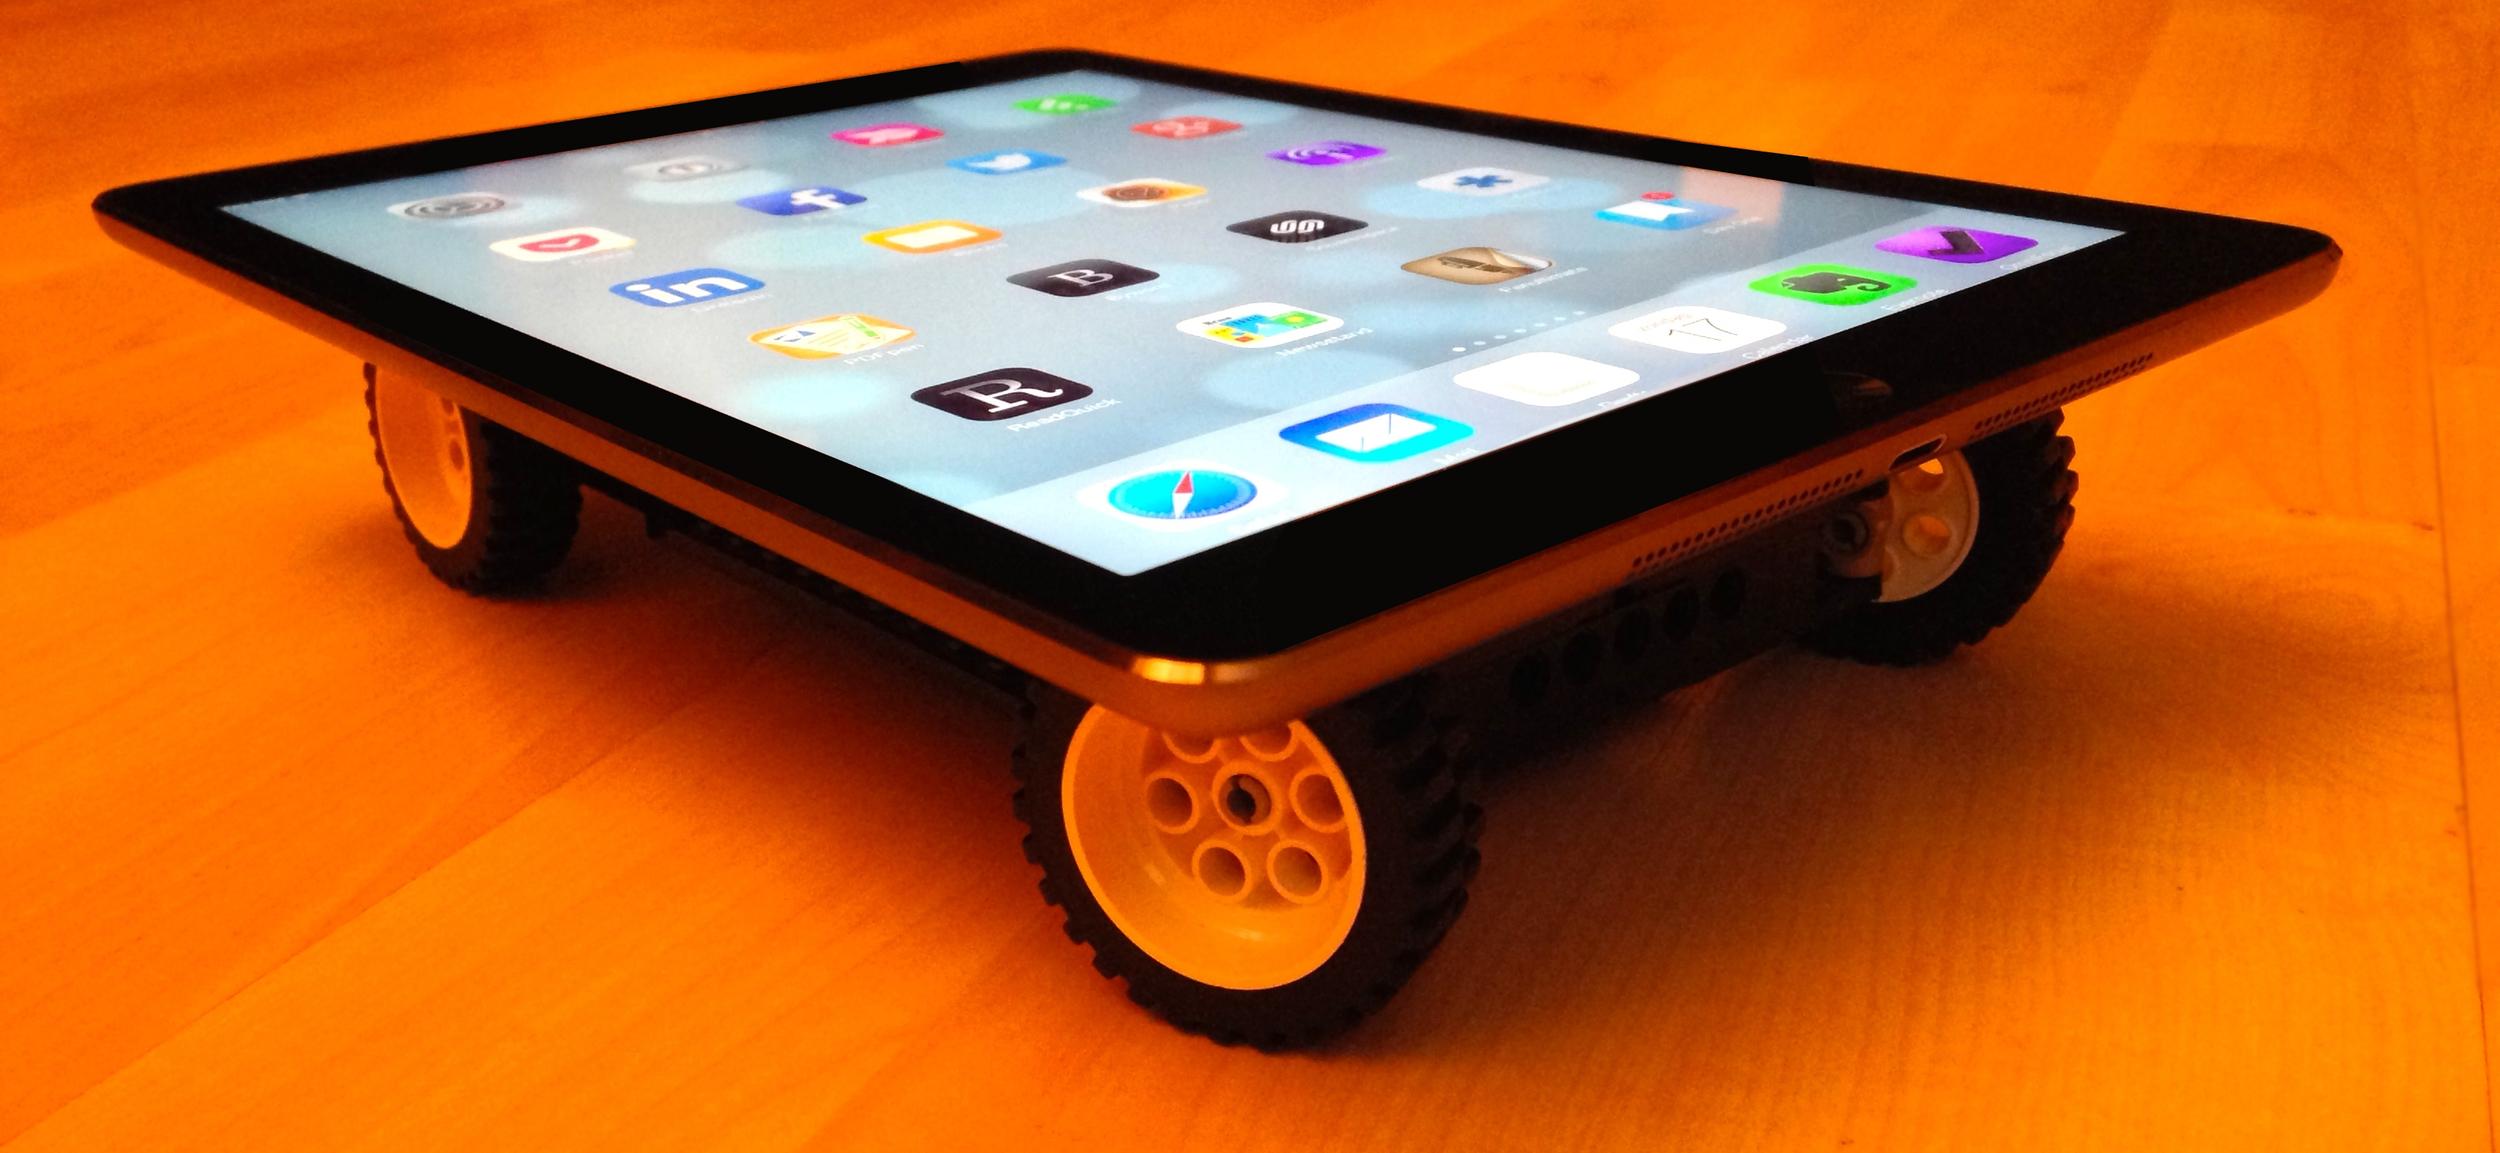 iPad on Wheels 2.jpg